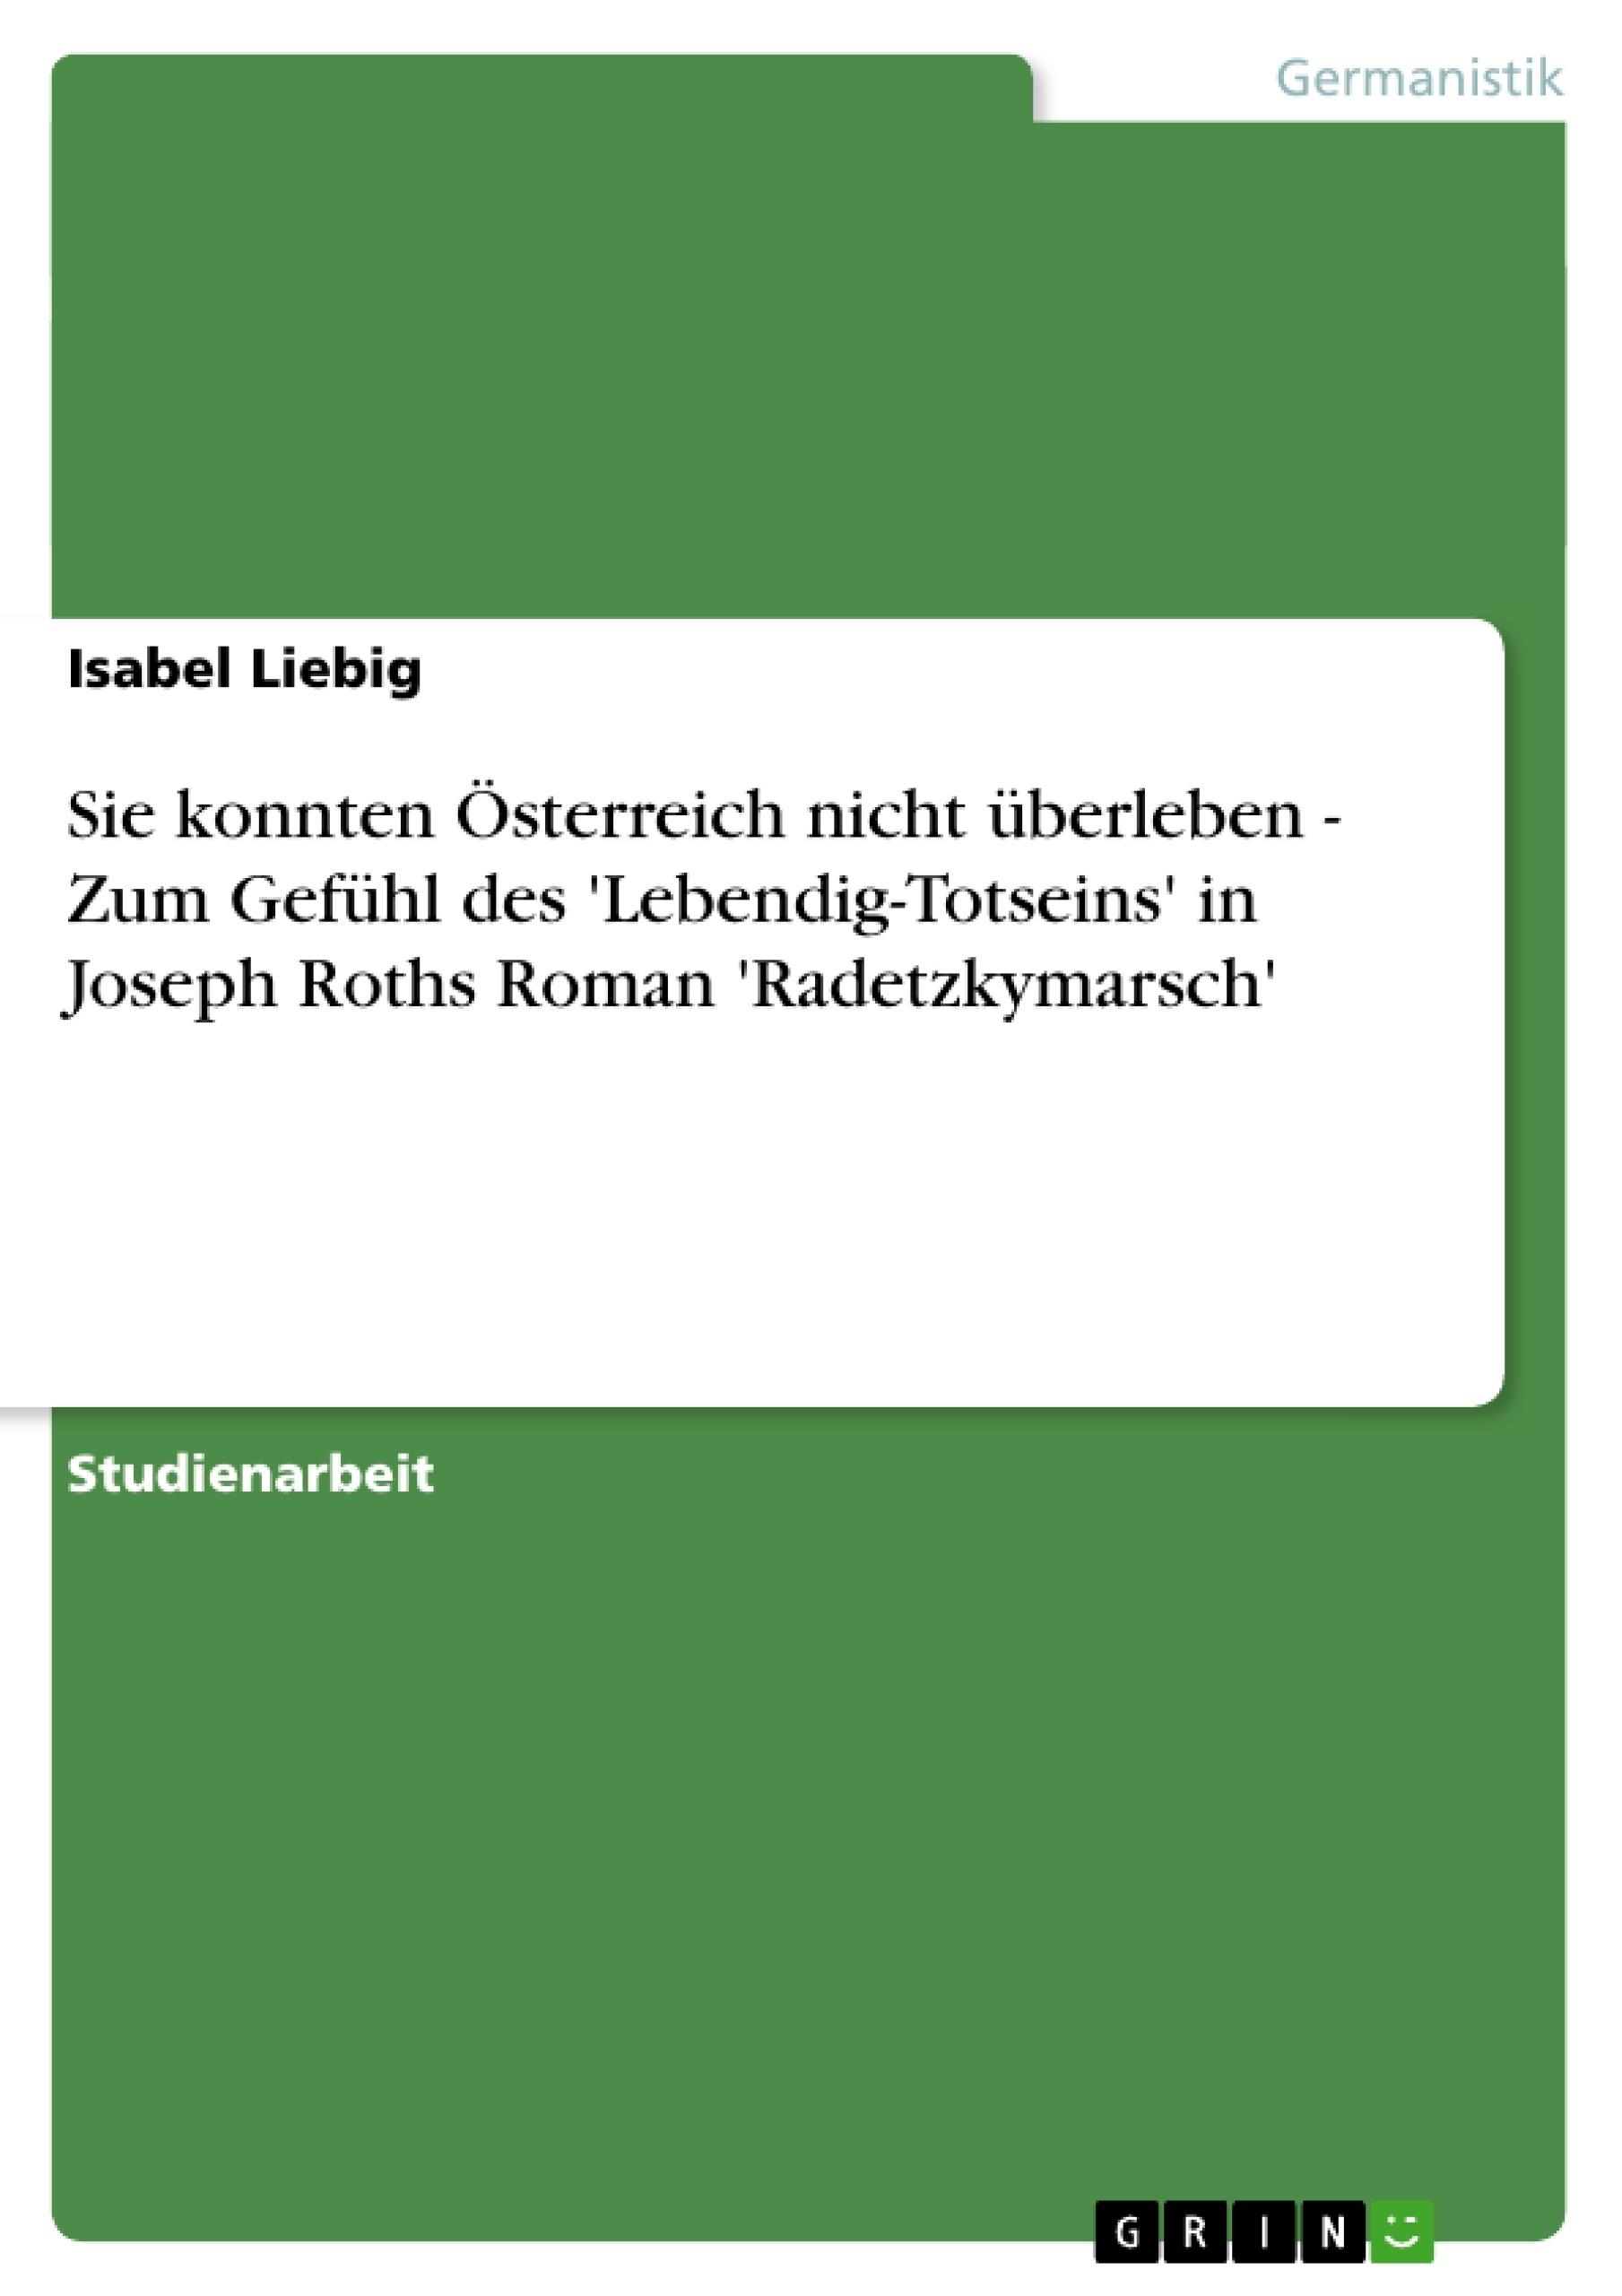 Titel: Sie konnten Österreich nicht überleben - Zum Gefühl des 'Lebendig-Totseins' in Joseph Roths Roman 'Radetzkymarsch'